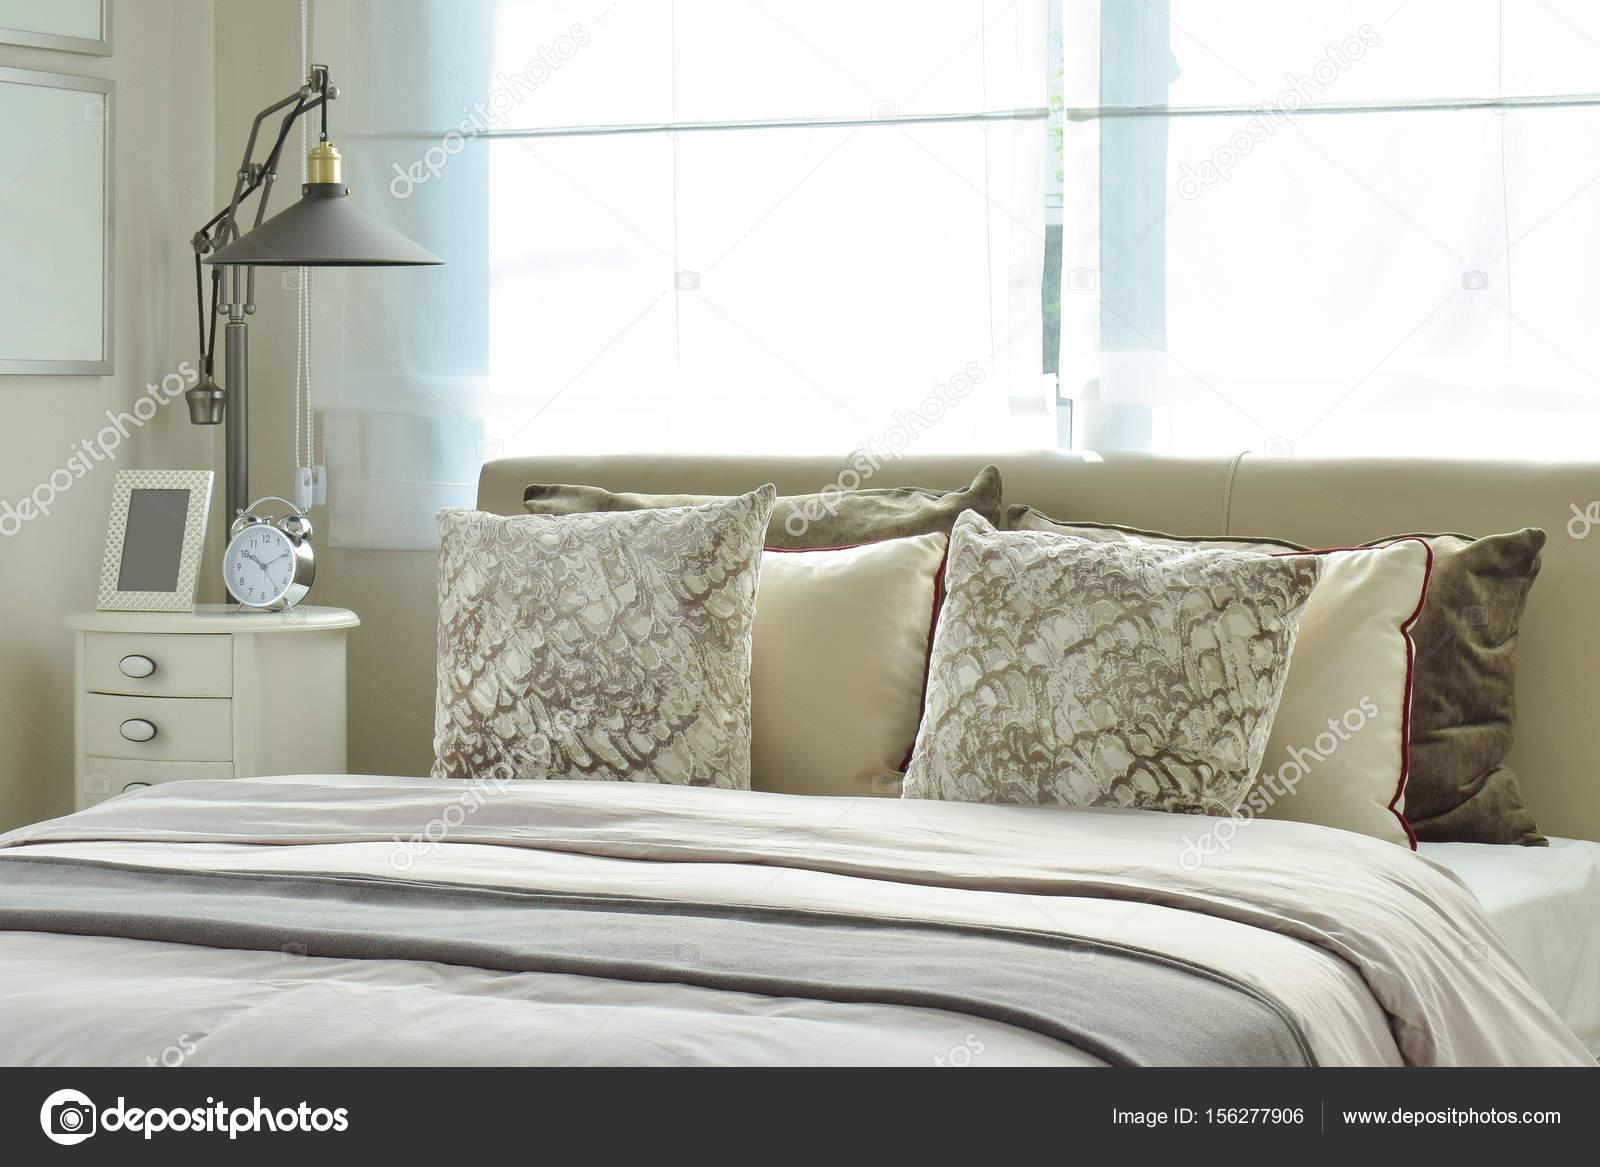 luxe slaapkamer met lamp en alarm klok op houten tafel — Stockfoto ...